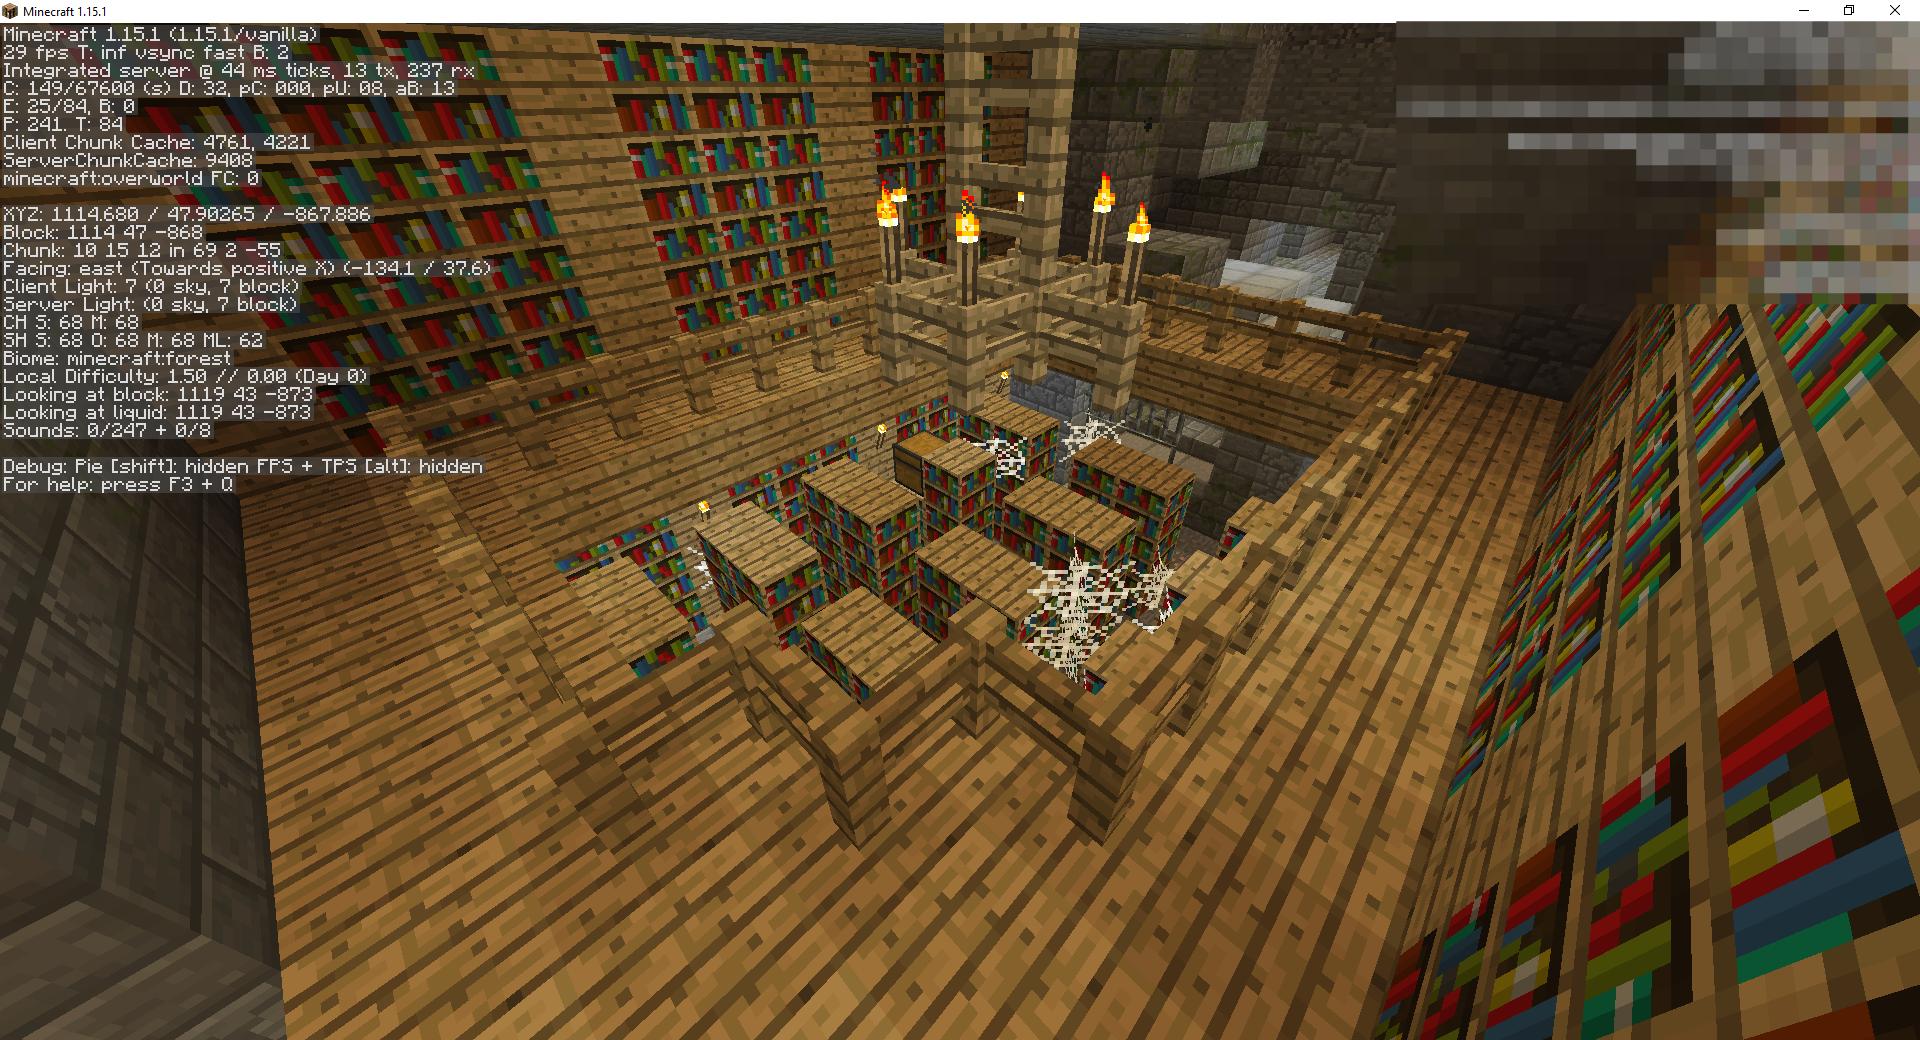 Сид «Подземная крепость ипортал вкрай» - скриншот 4